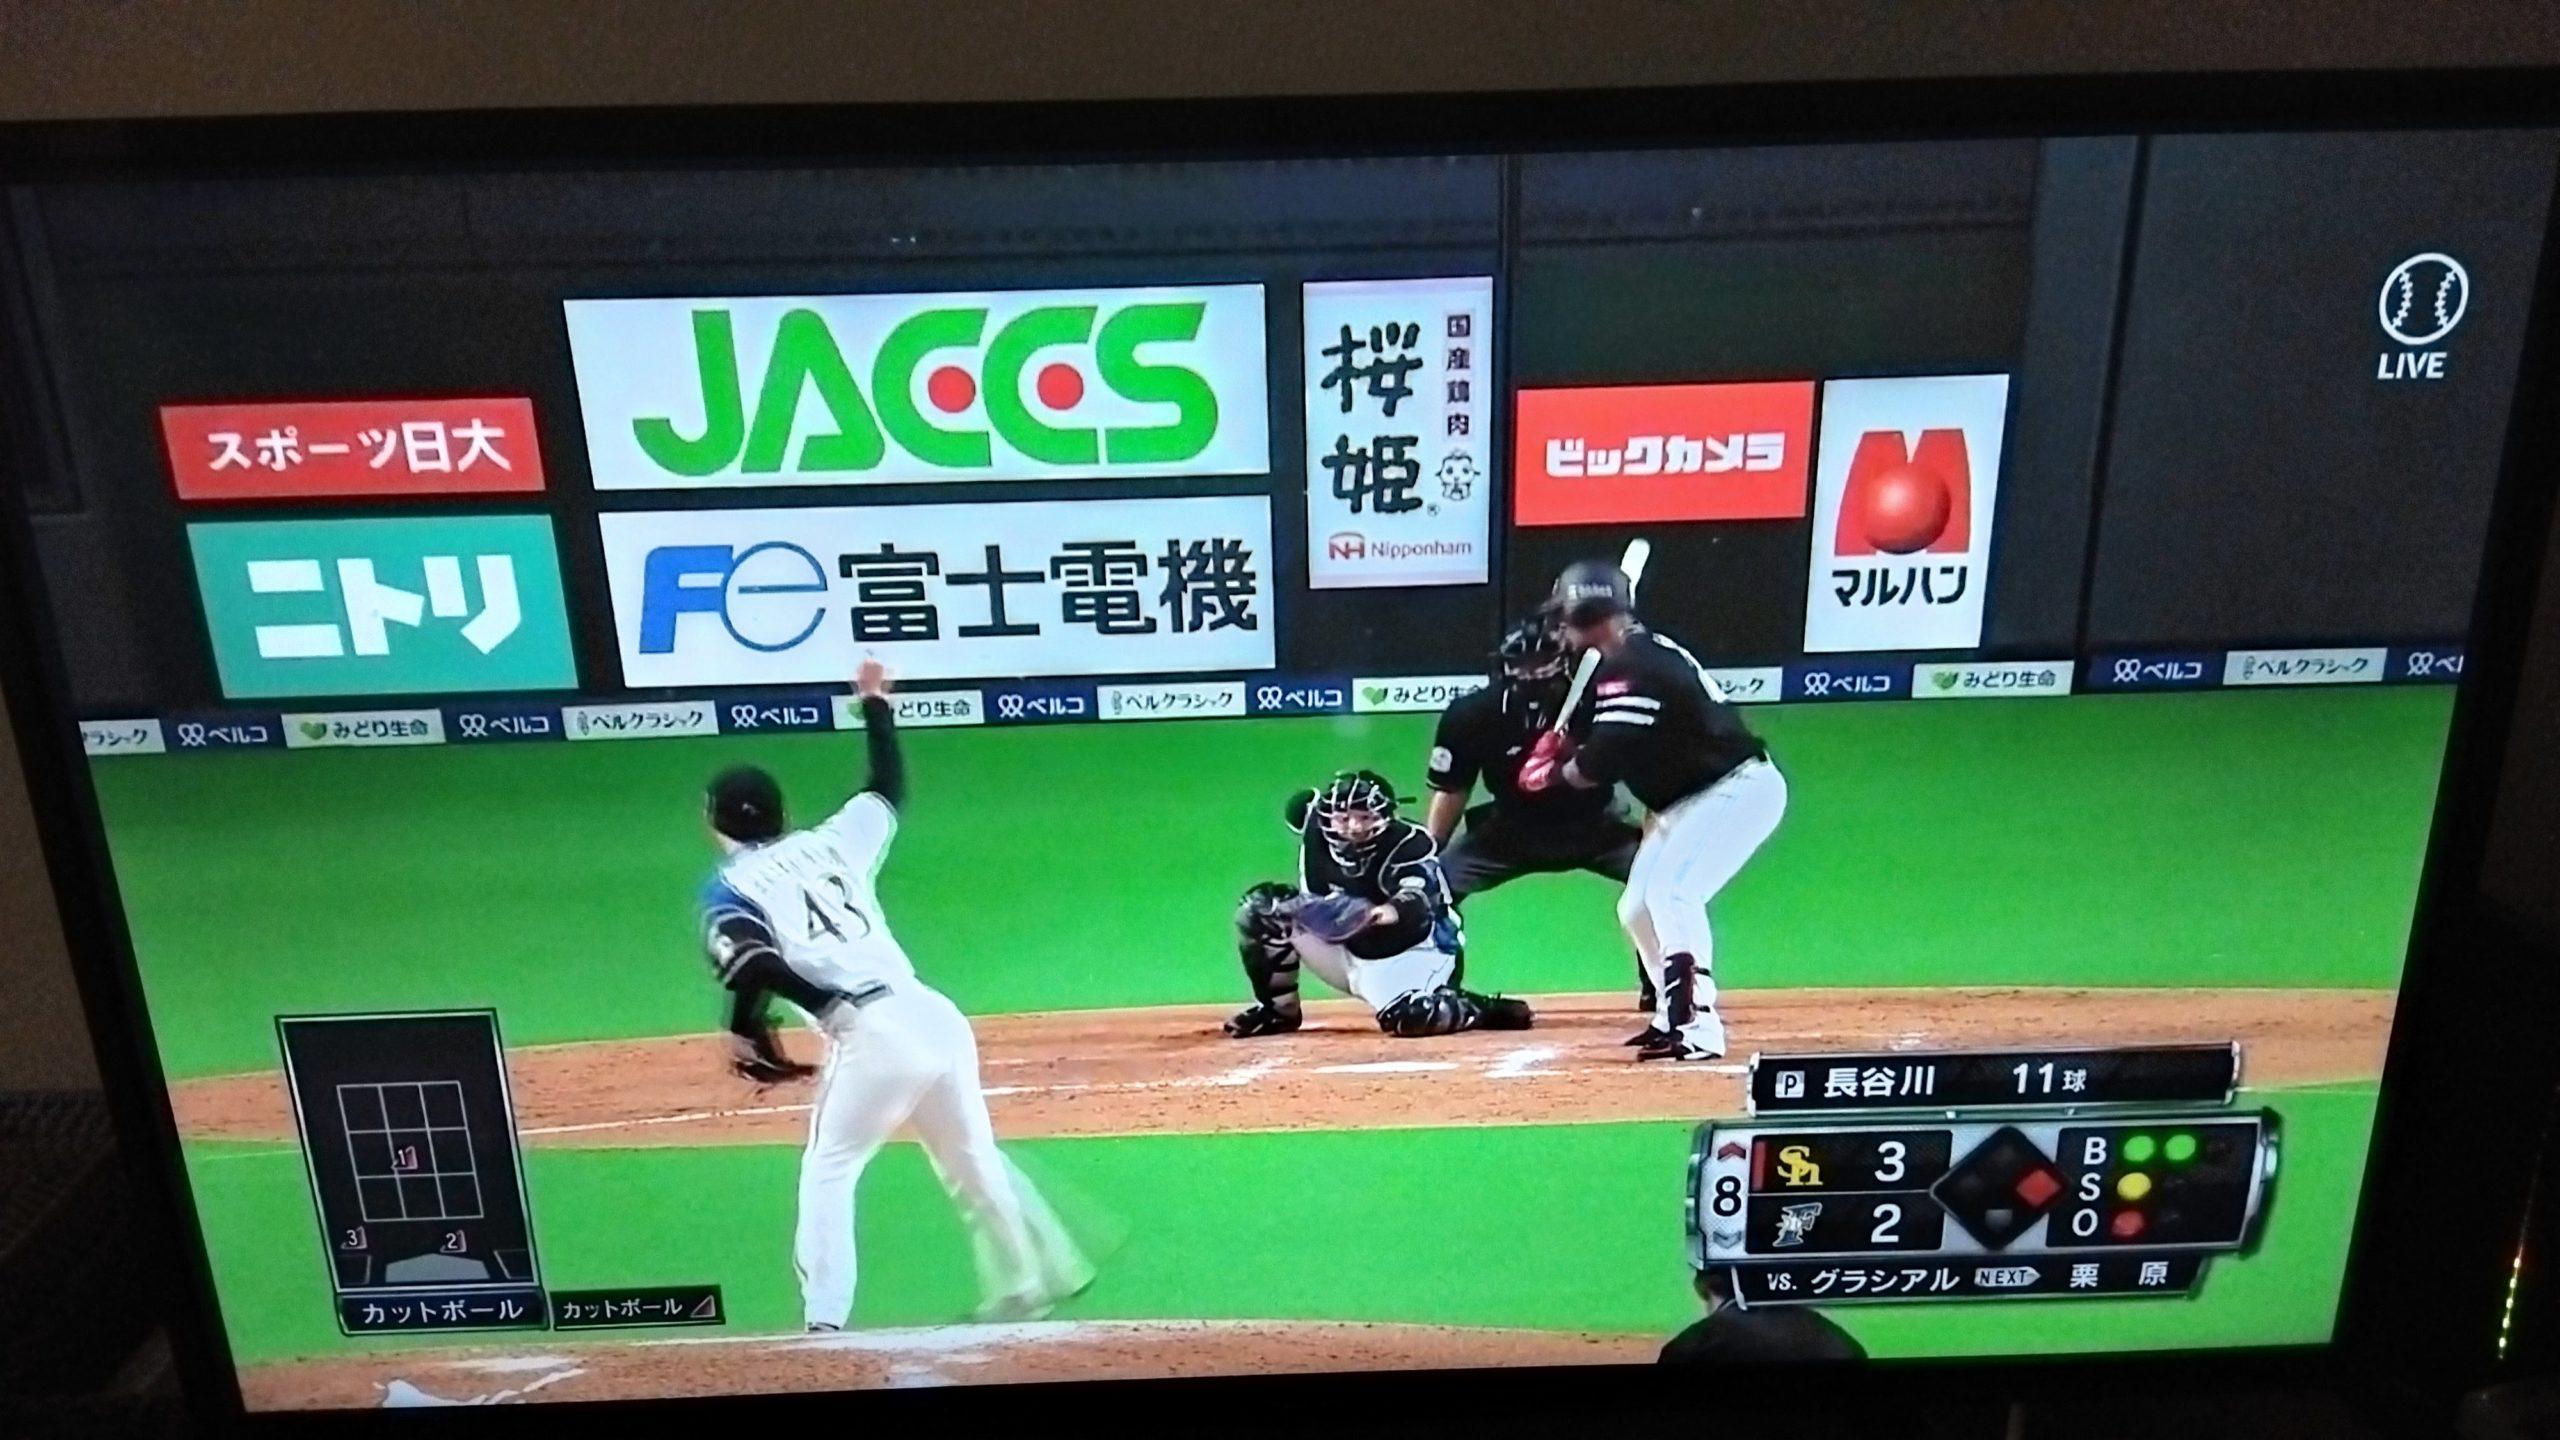 ベースボールLIVEをテレビで見る方法